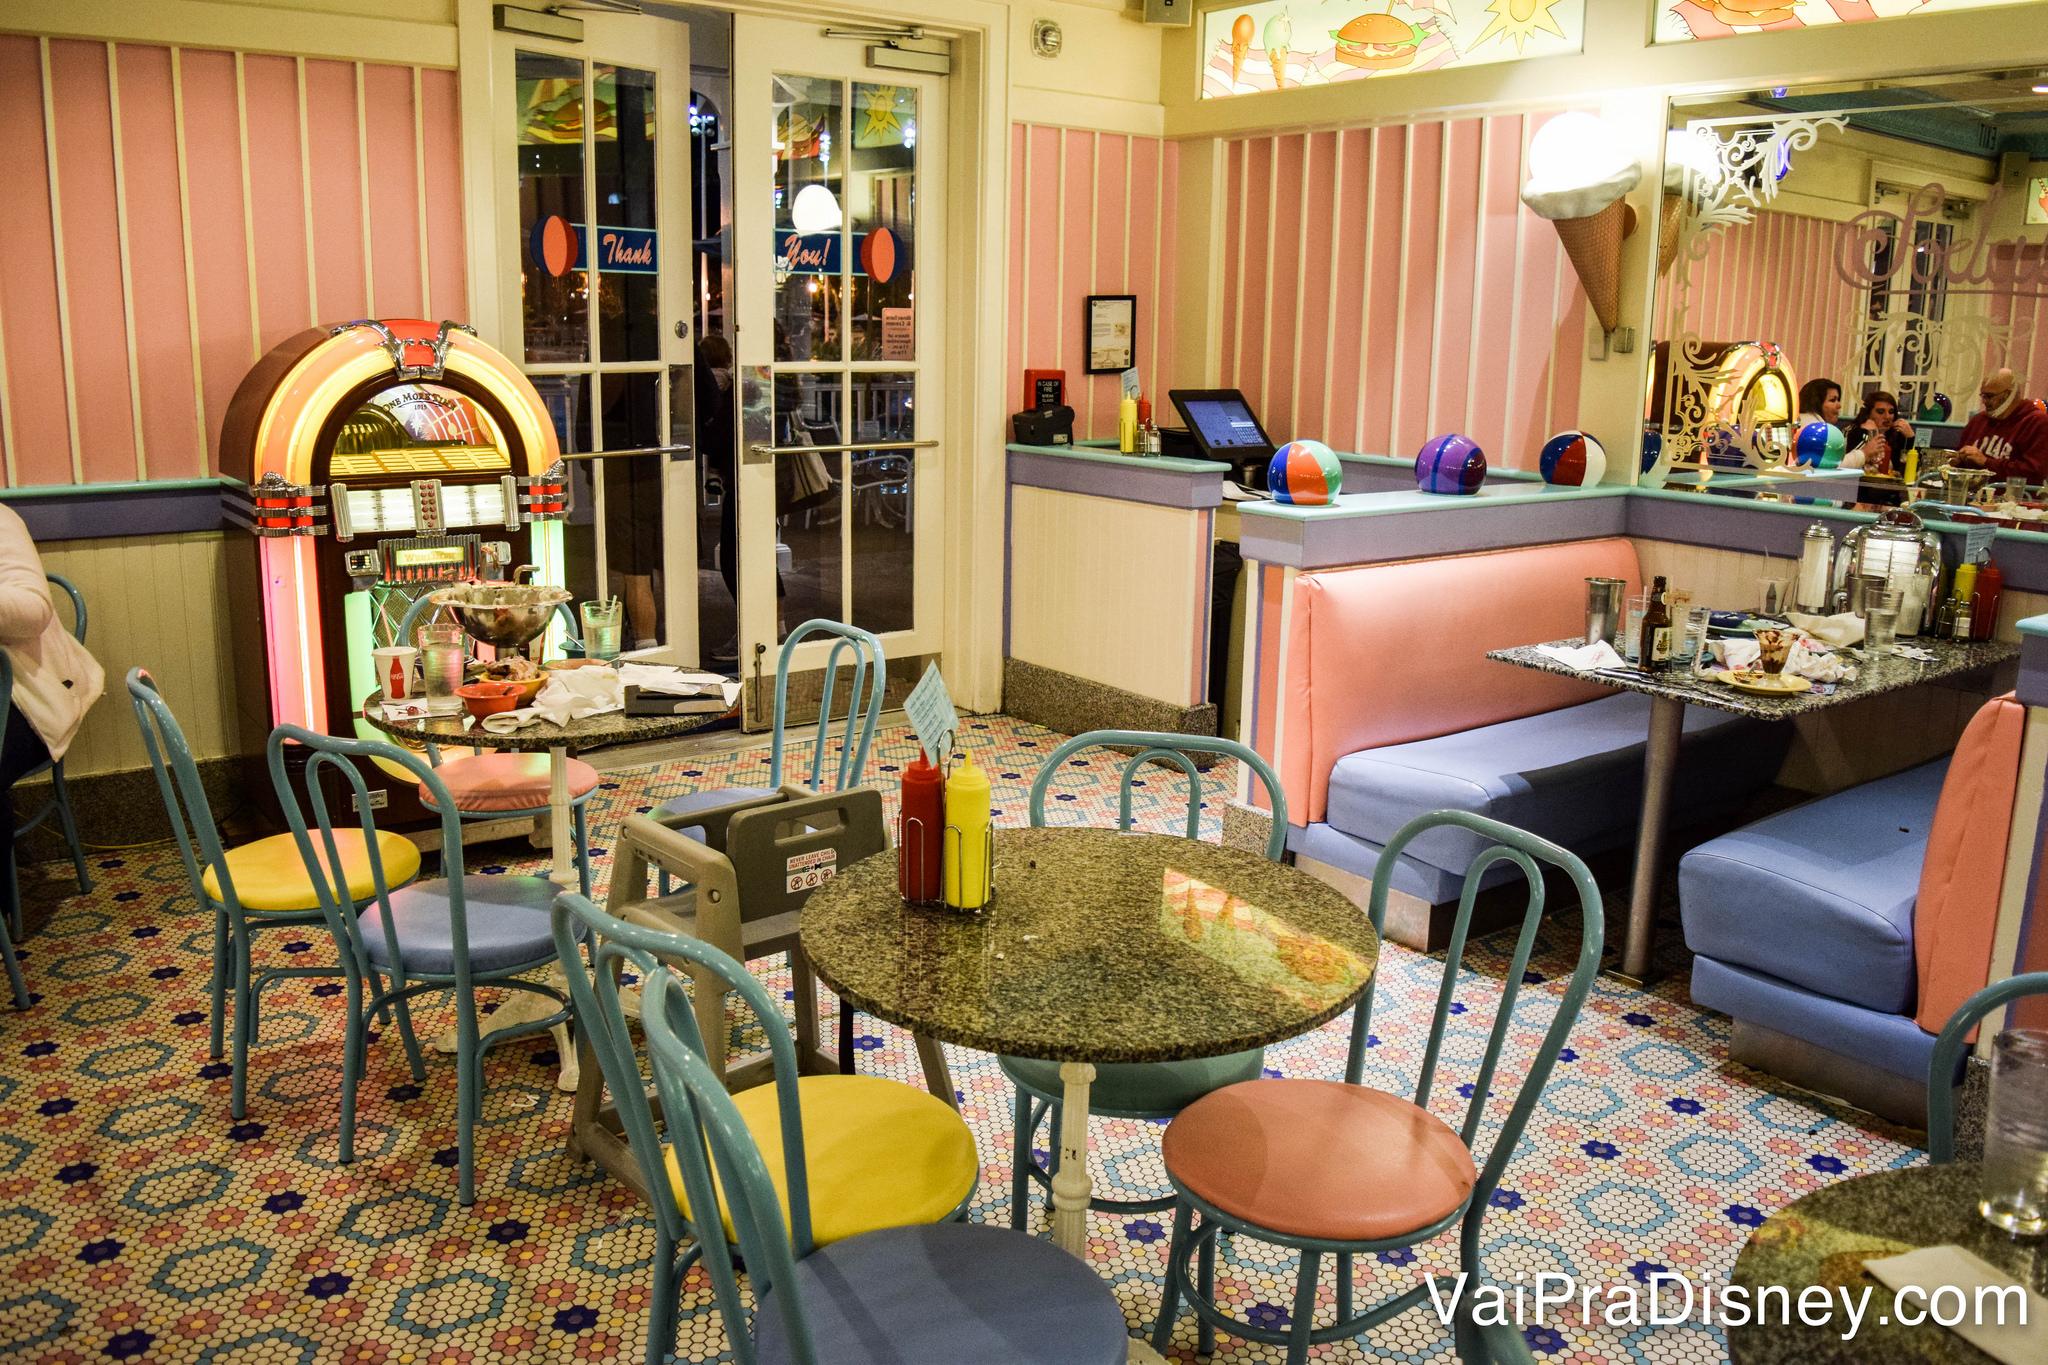 Foto do interior da lanchonete Beaches and Cream, com tema vintage e decoração em rosa, amarelo e azul